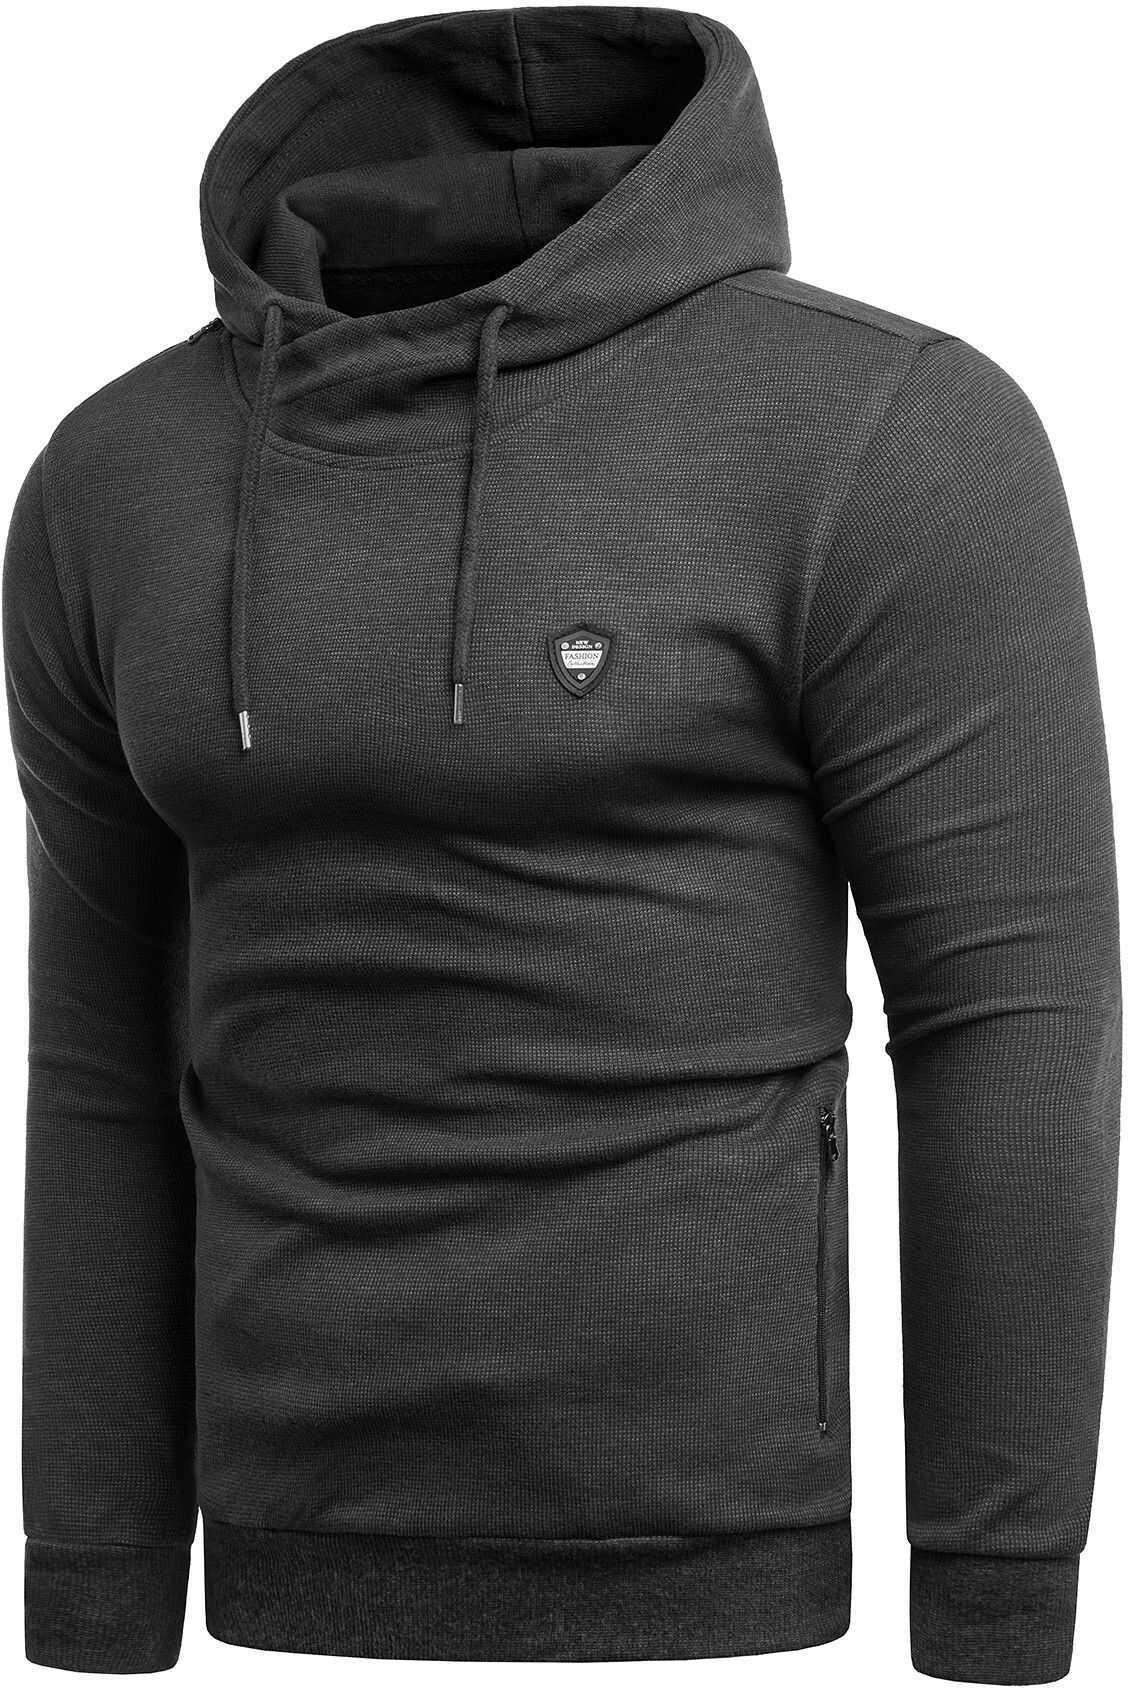 Bluza męska 5334 - czarna